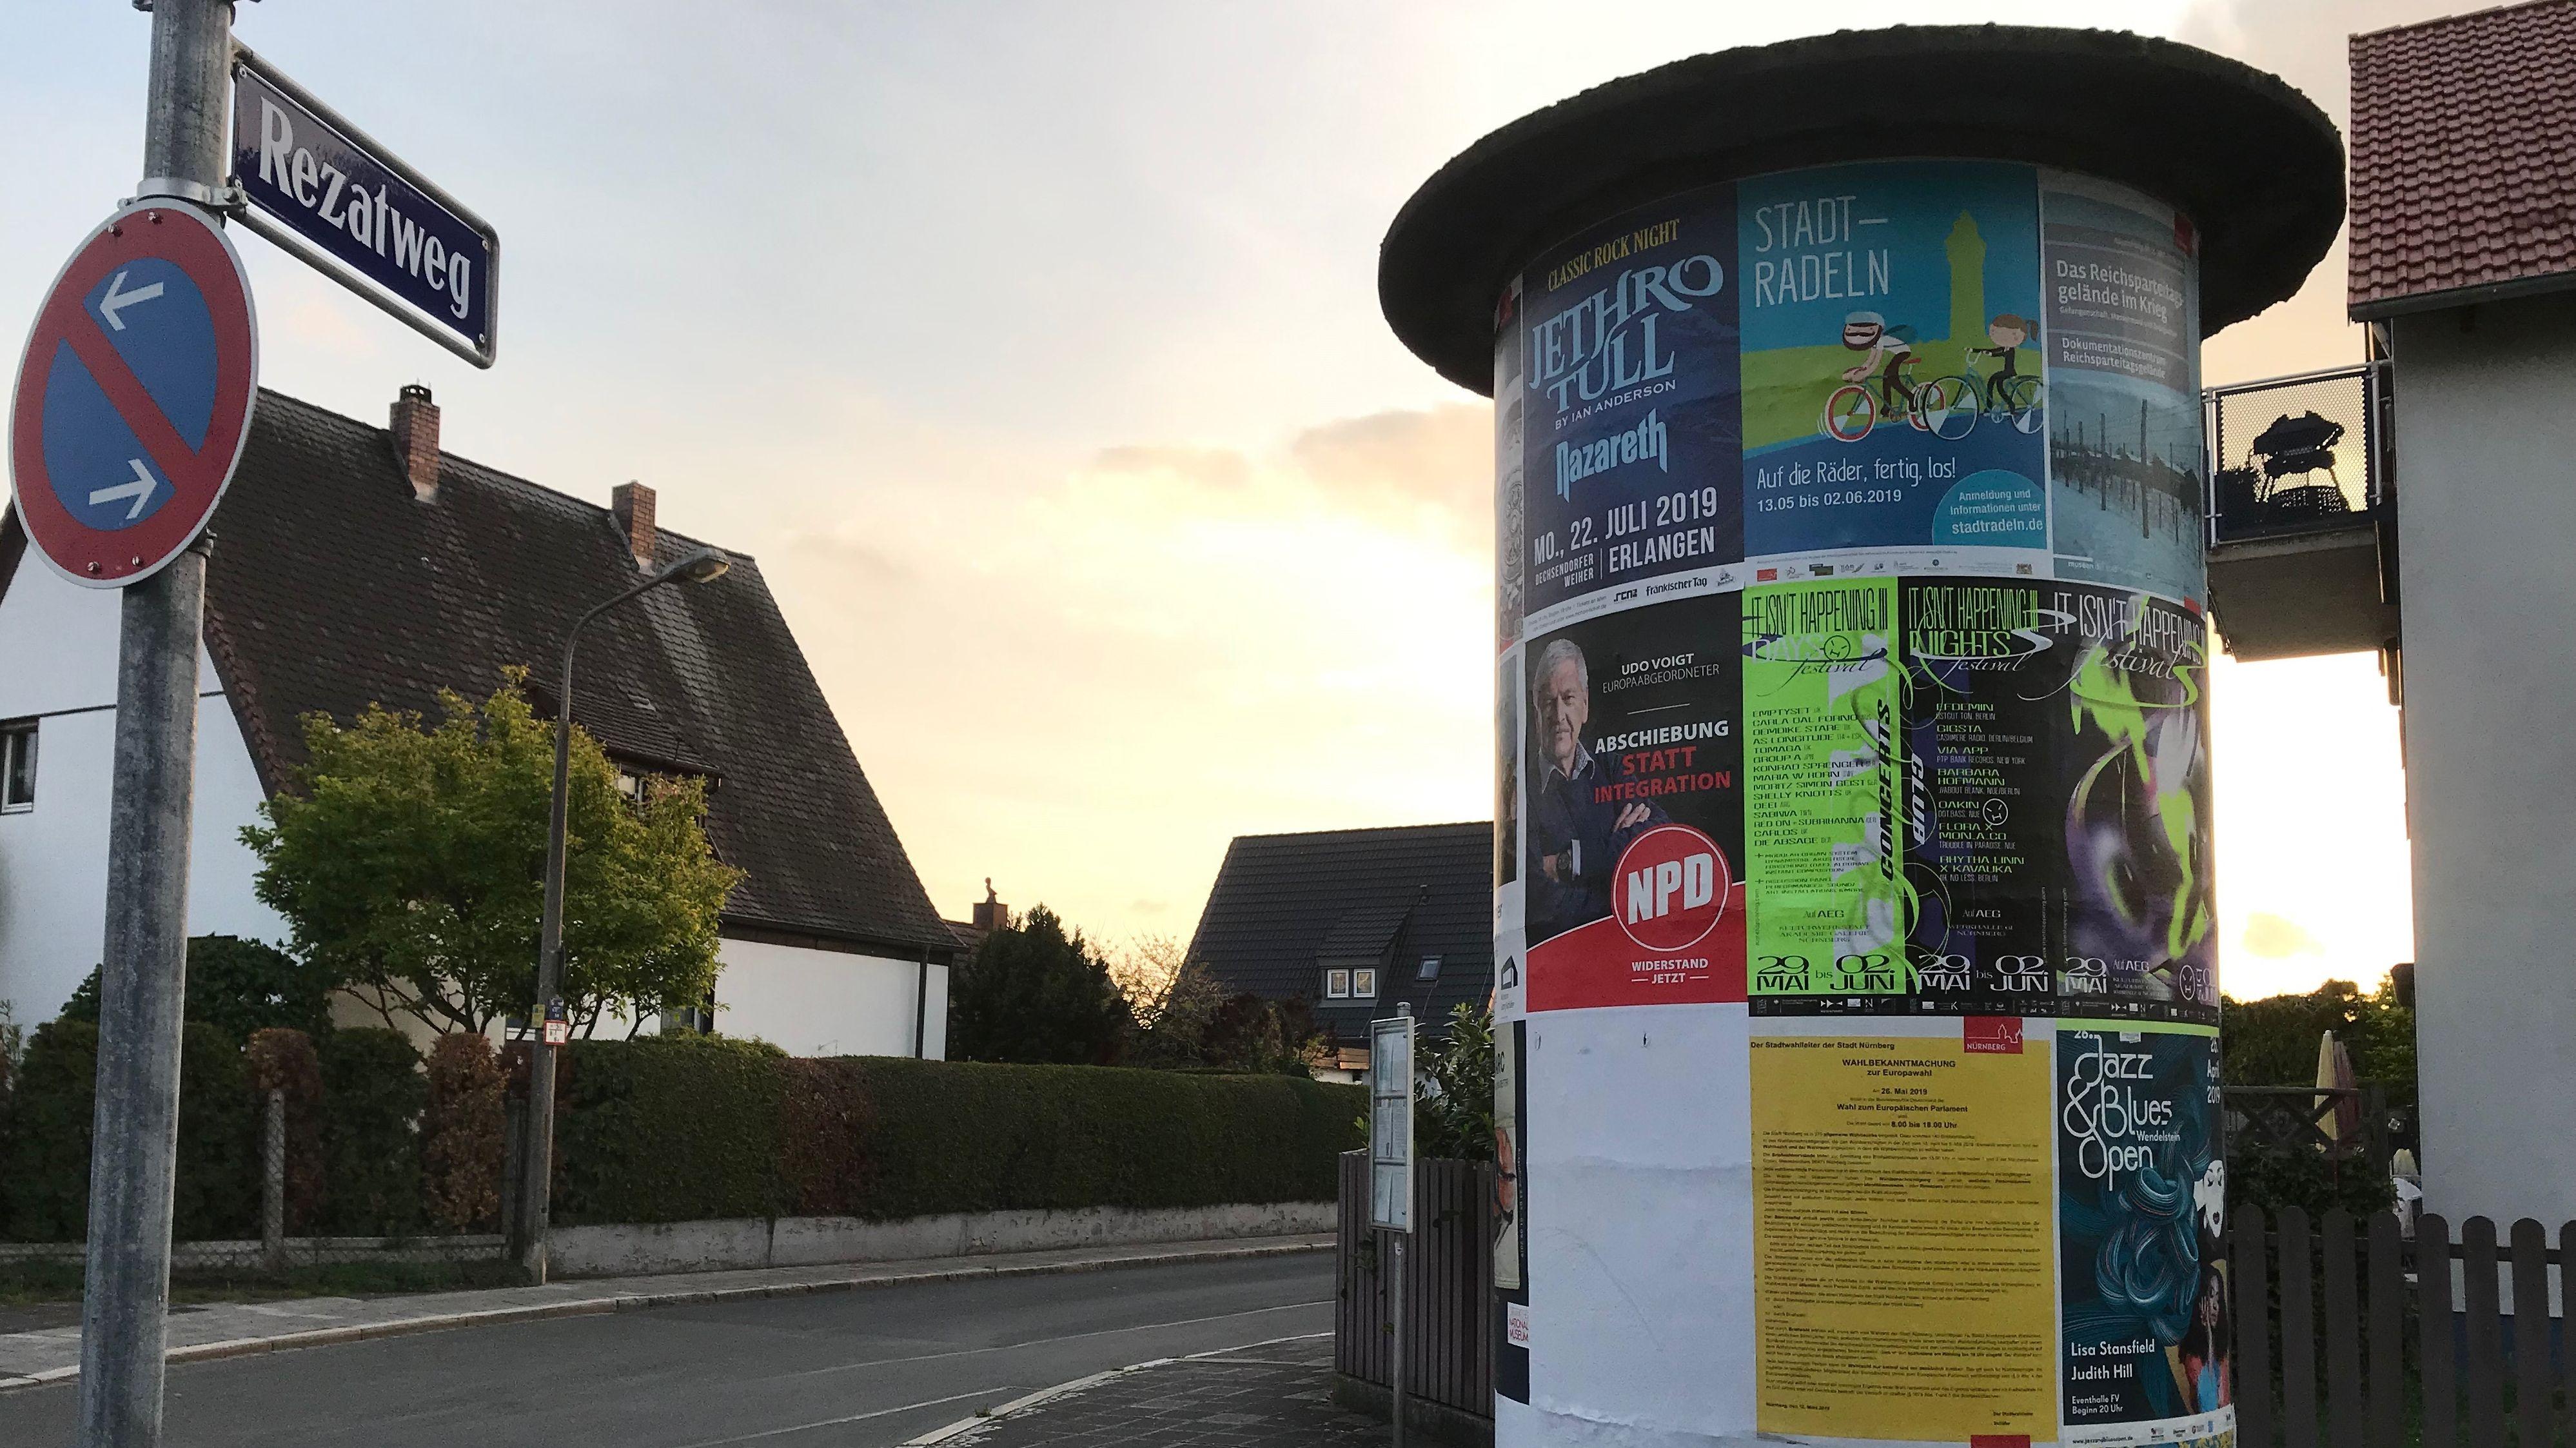 Umstrittene NPD-Plakatierung in Nürnberg